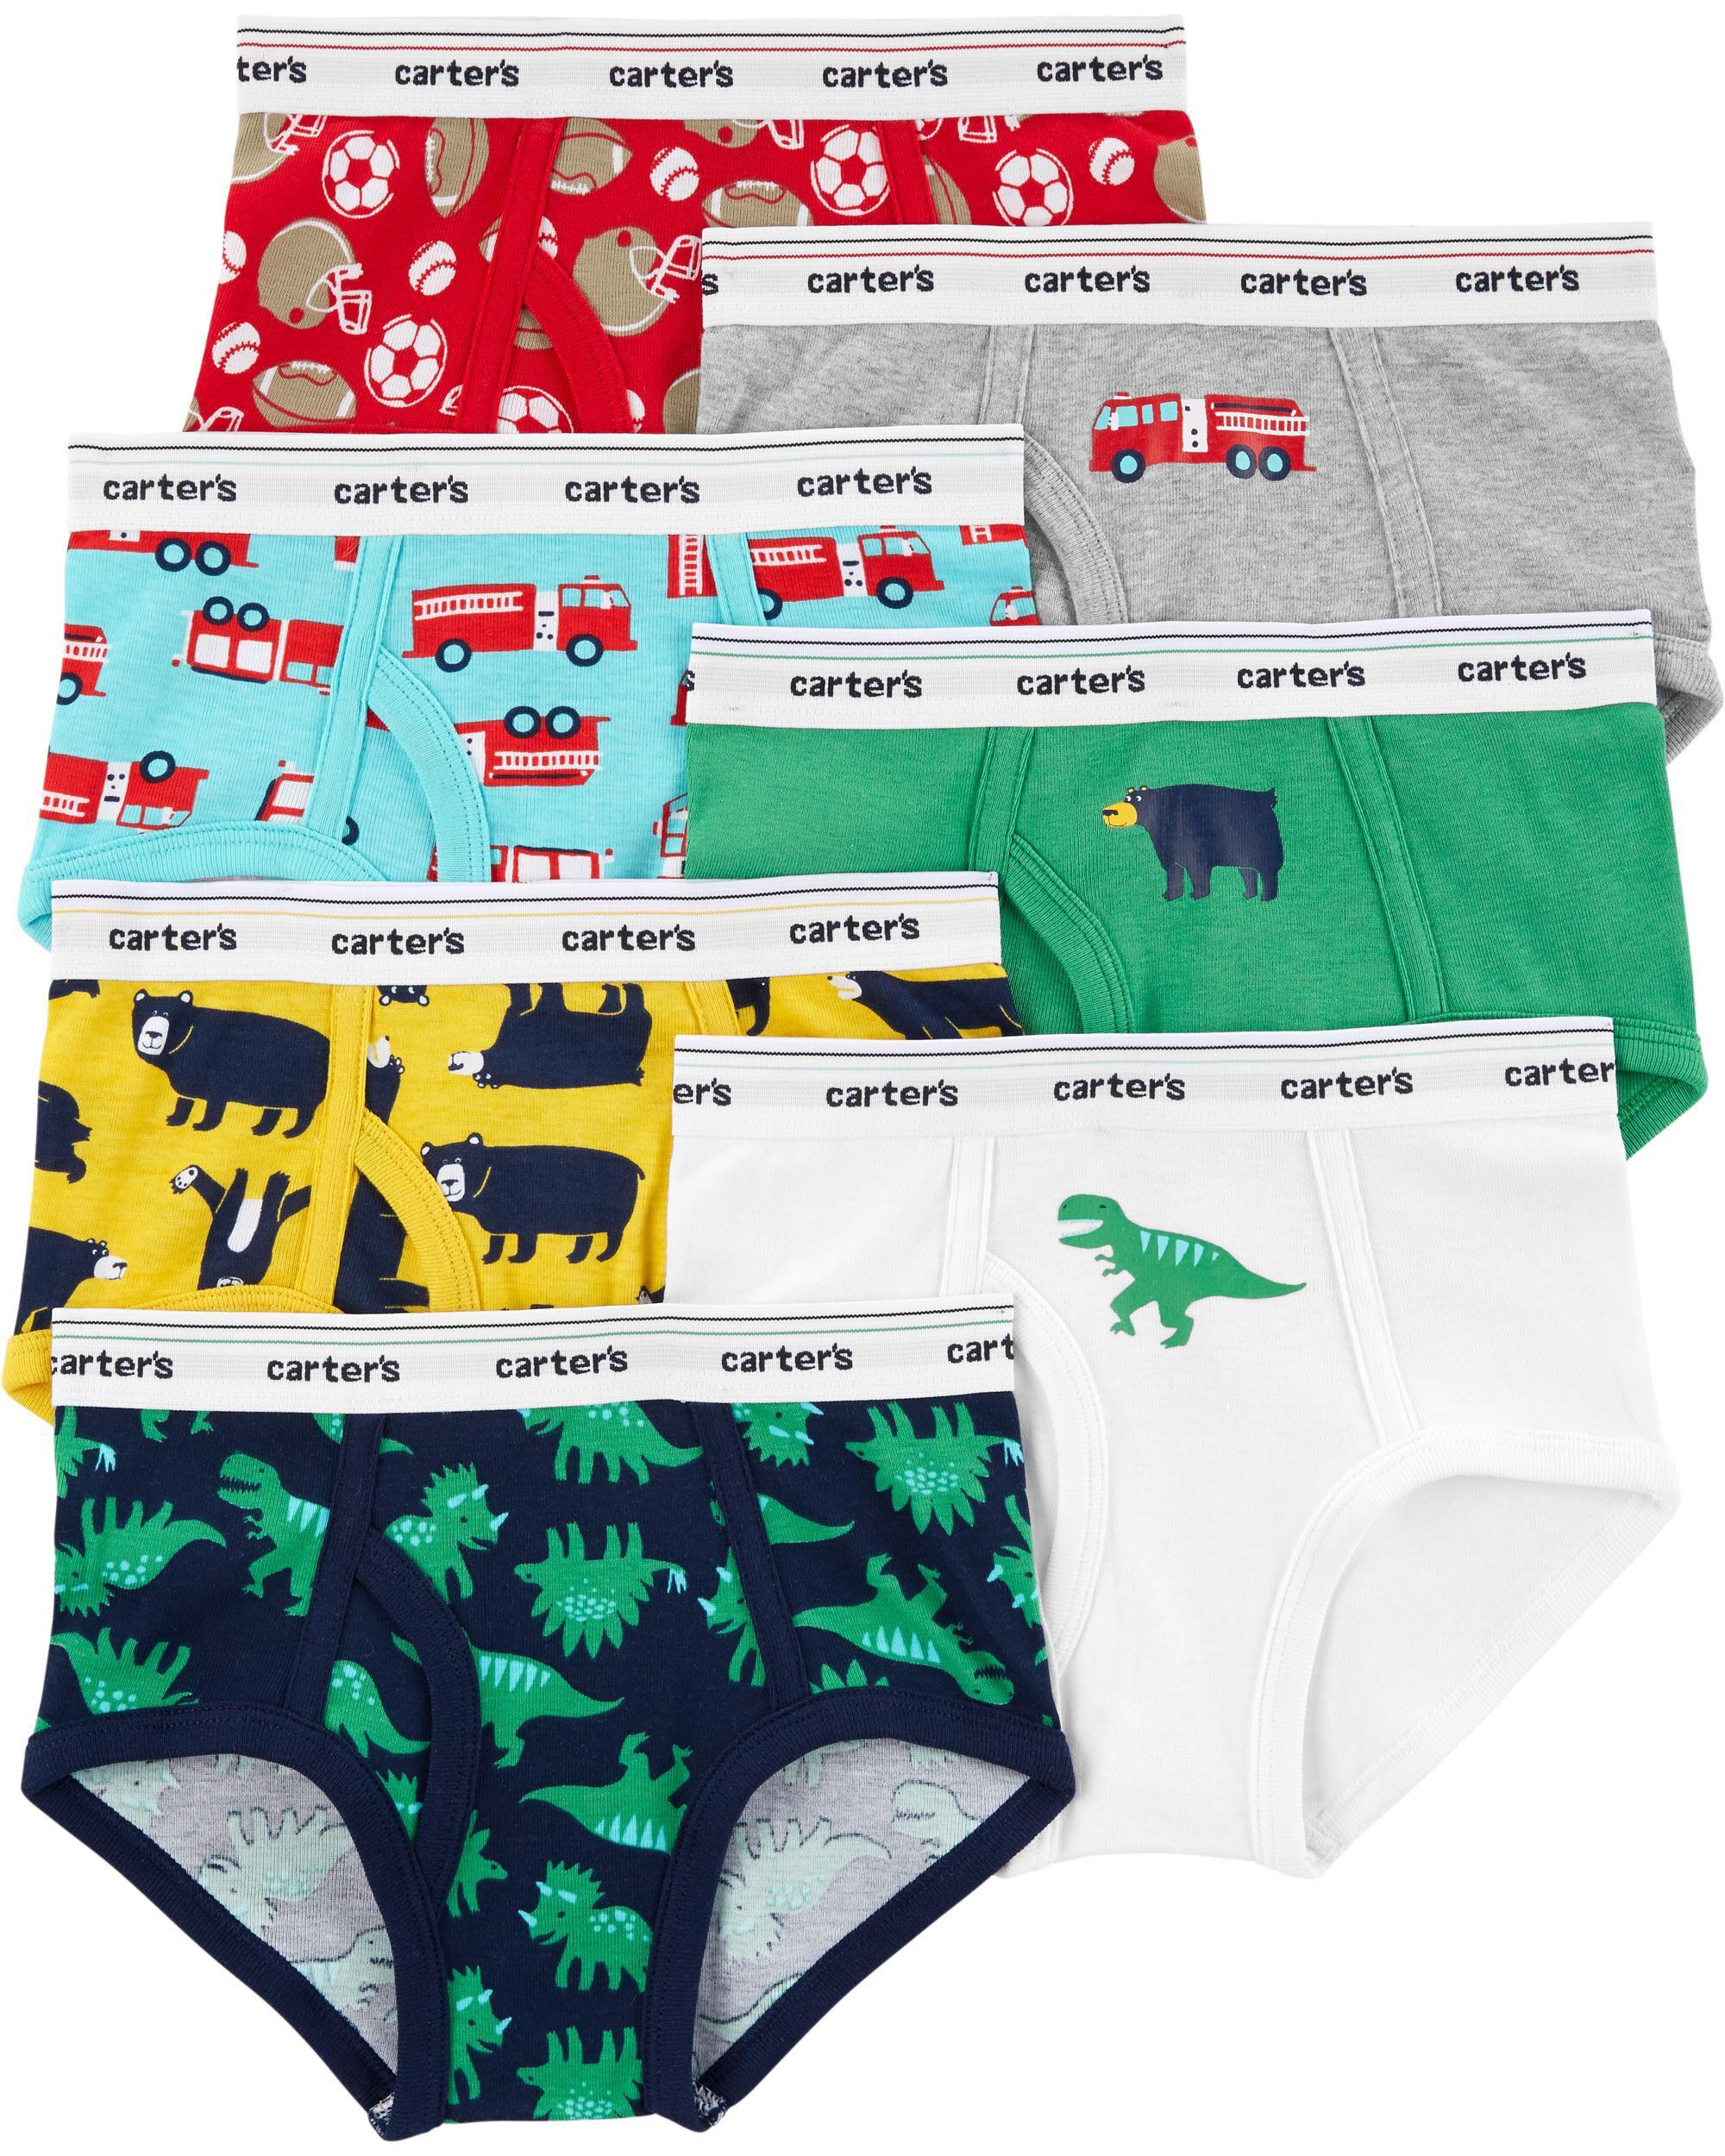 New Crazy 8 Underwear Boxer Briefs NWT 2T 3T 4 5 6 7 8 10 12 Blue Orange Stripes